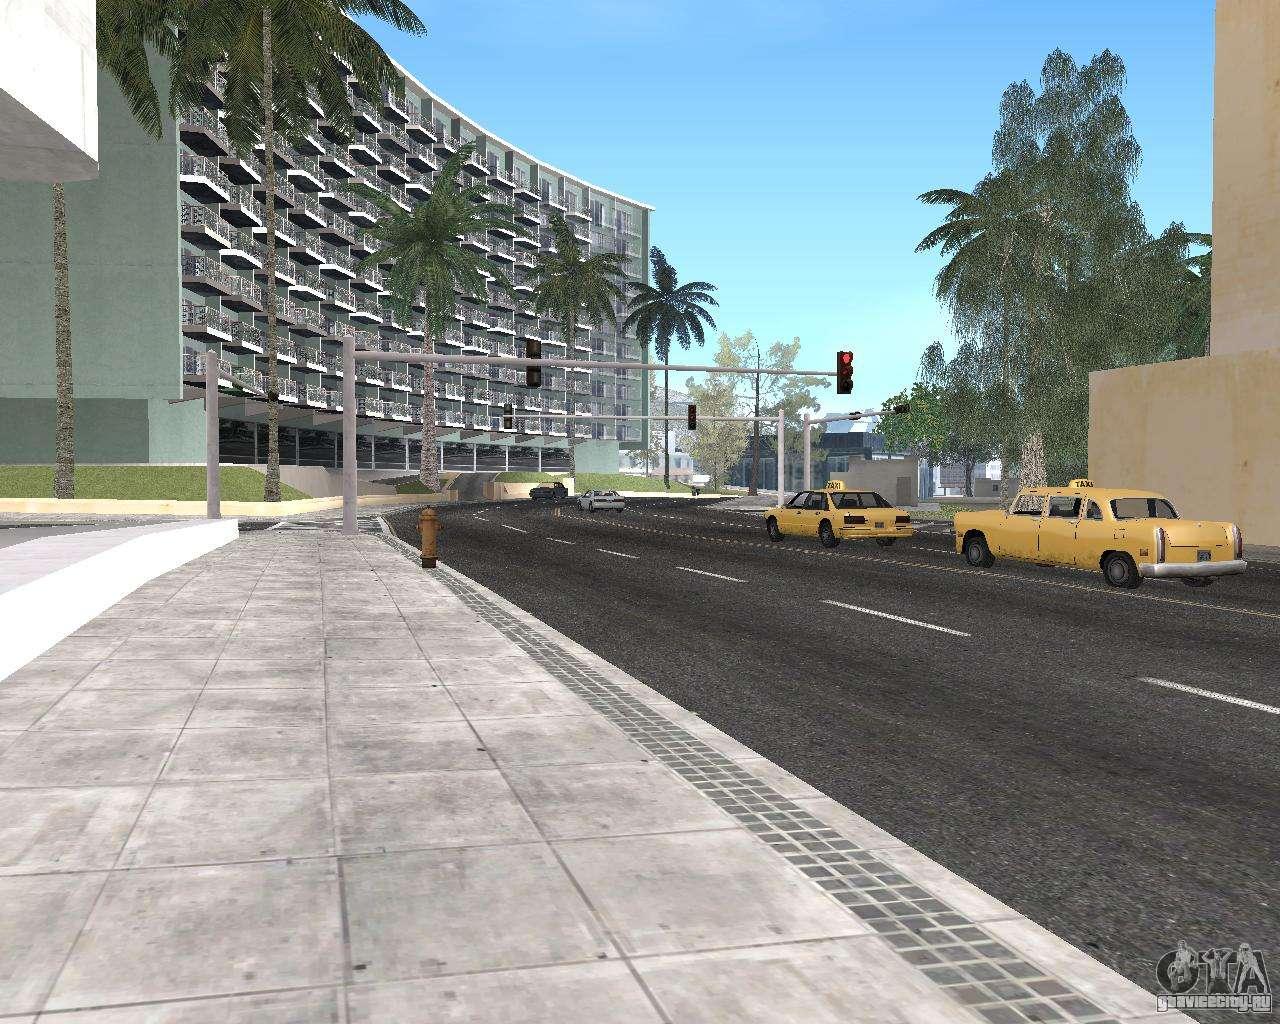 Текстуры Los Santos из GTA 5 для GTA San Andreas ...: www.gtavicecity.ru/gta-san-andreas/mods/51257-texture-los-santos...